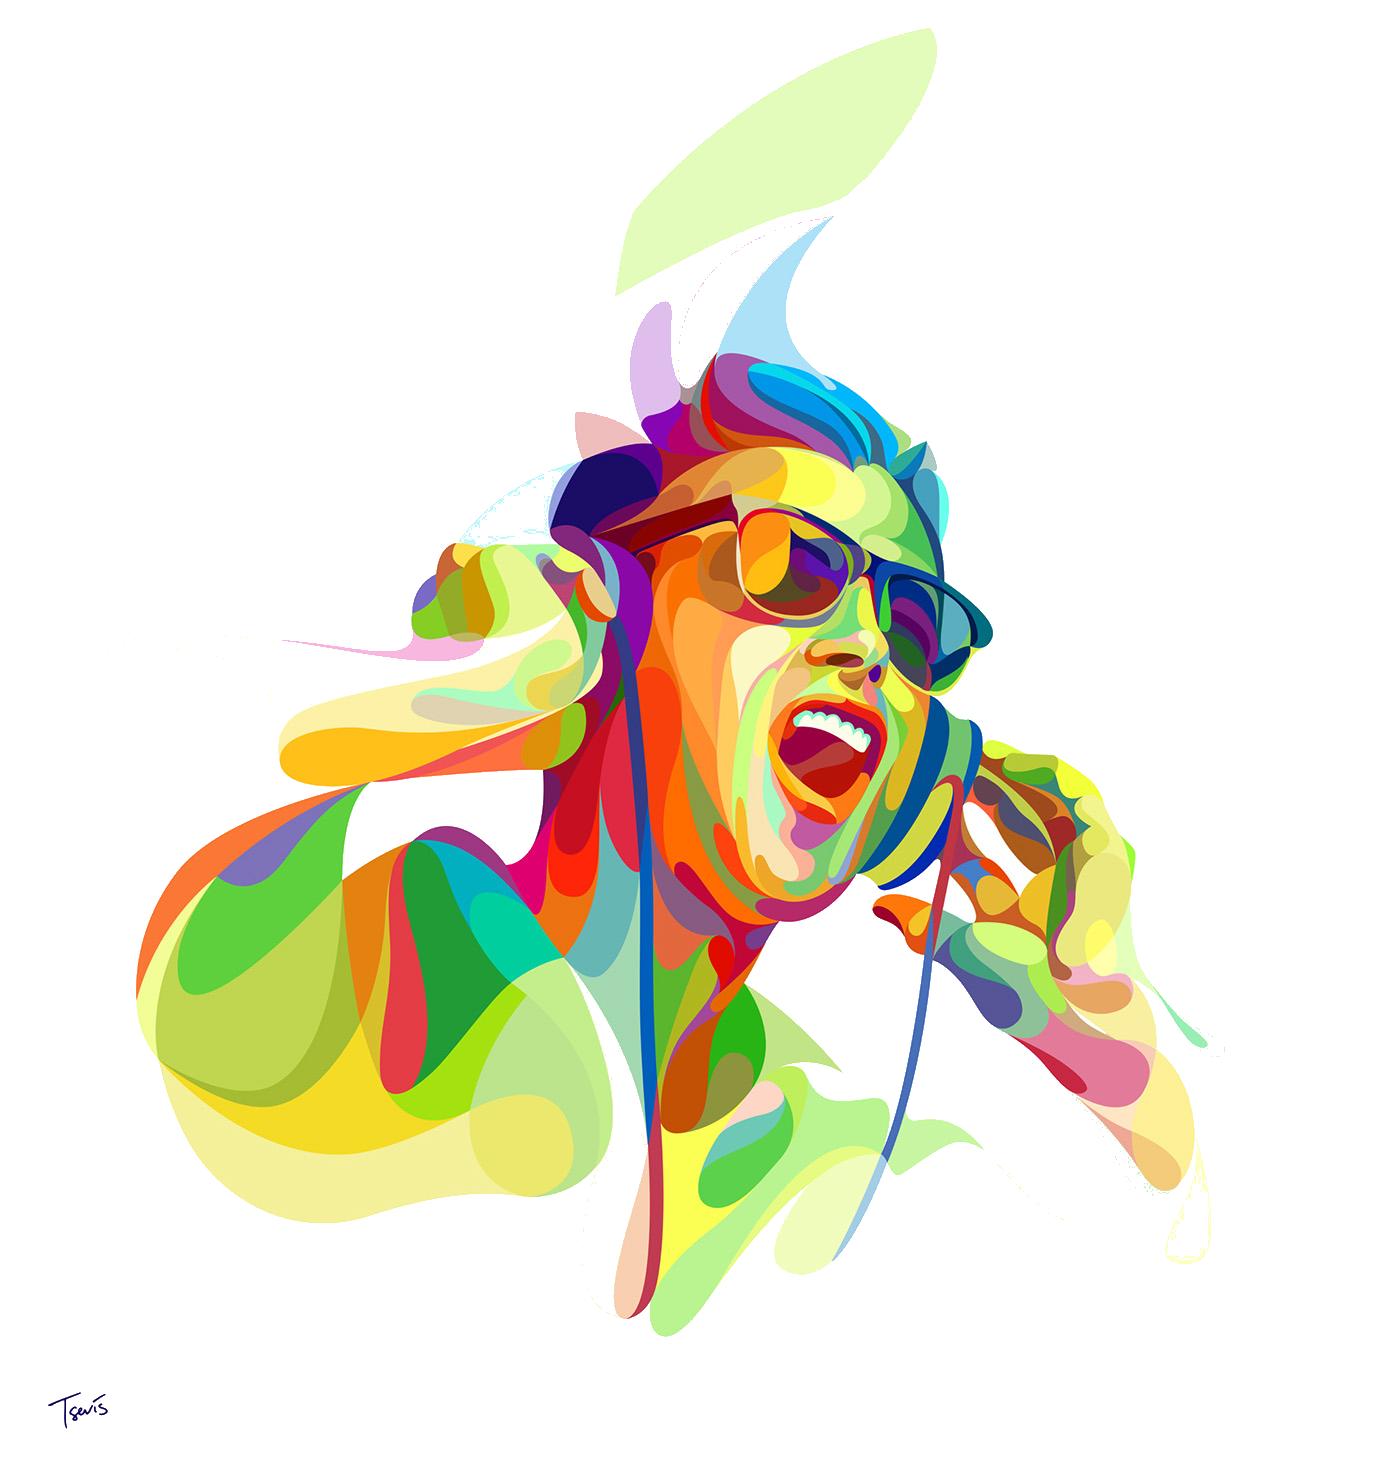 Black music hd wallpapers | pixelstalk. Net.